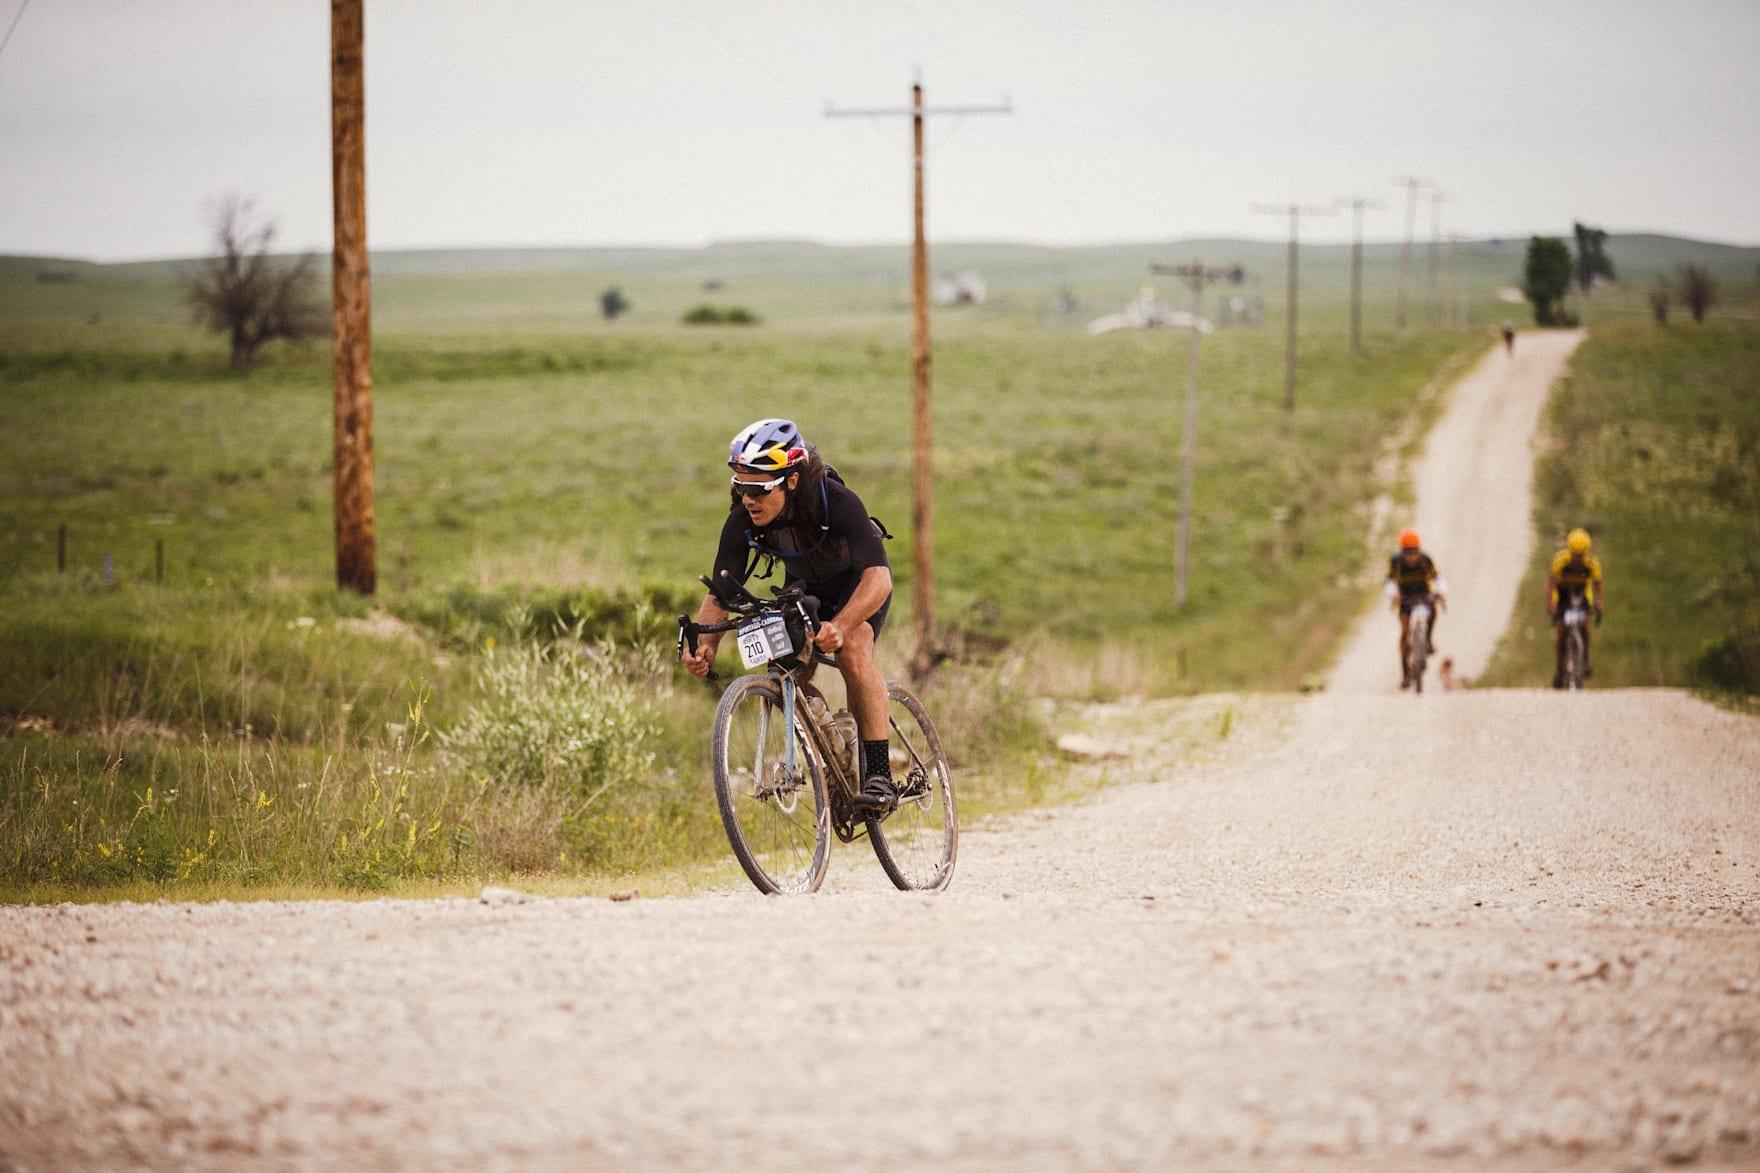 Nico Deportago-Cabrera Rennen an der Dirta Kanza in Emporia, KS am 3. Juni 2017.